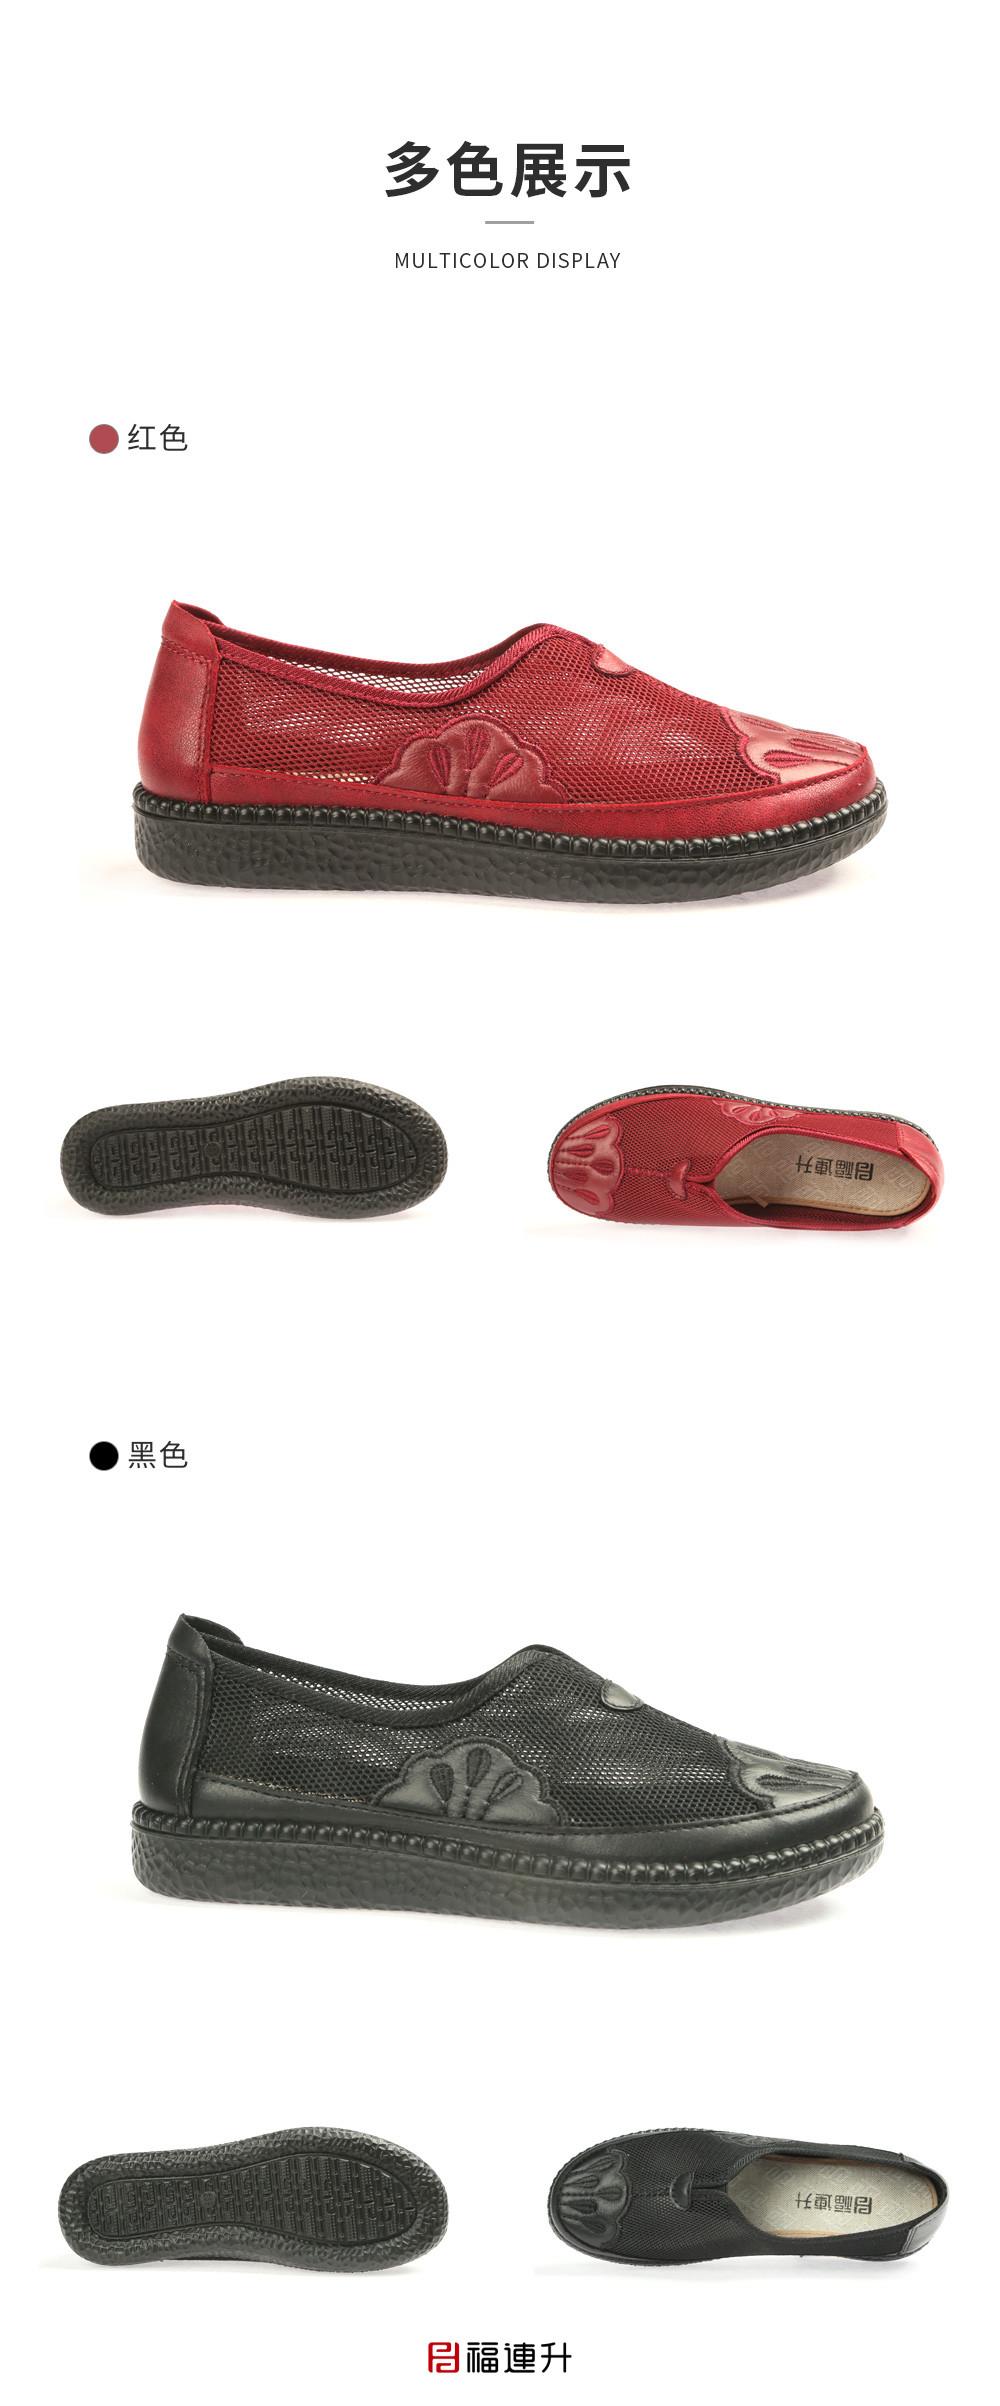 福连升老北京布鞋妈妈鞋 透气网面鞋中老年闰月鞋图片